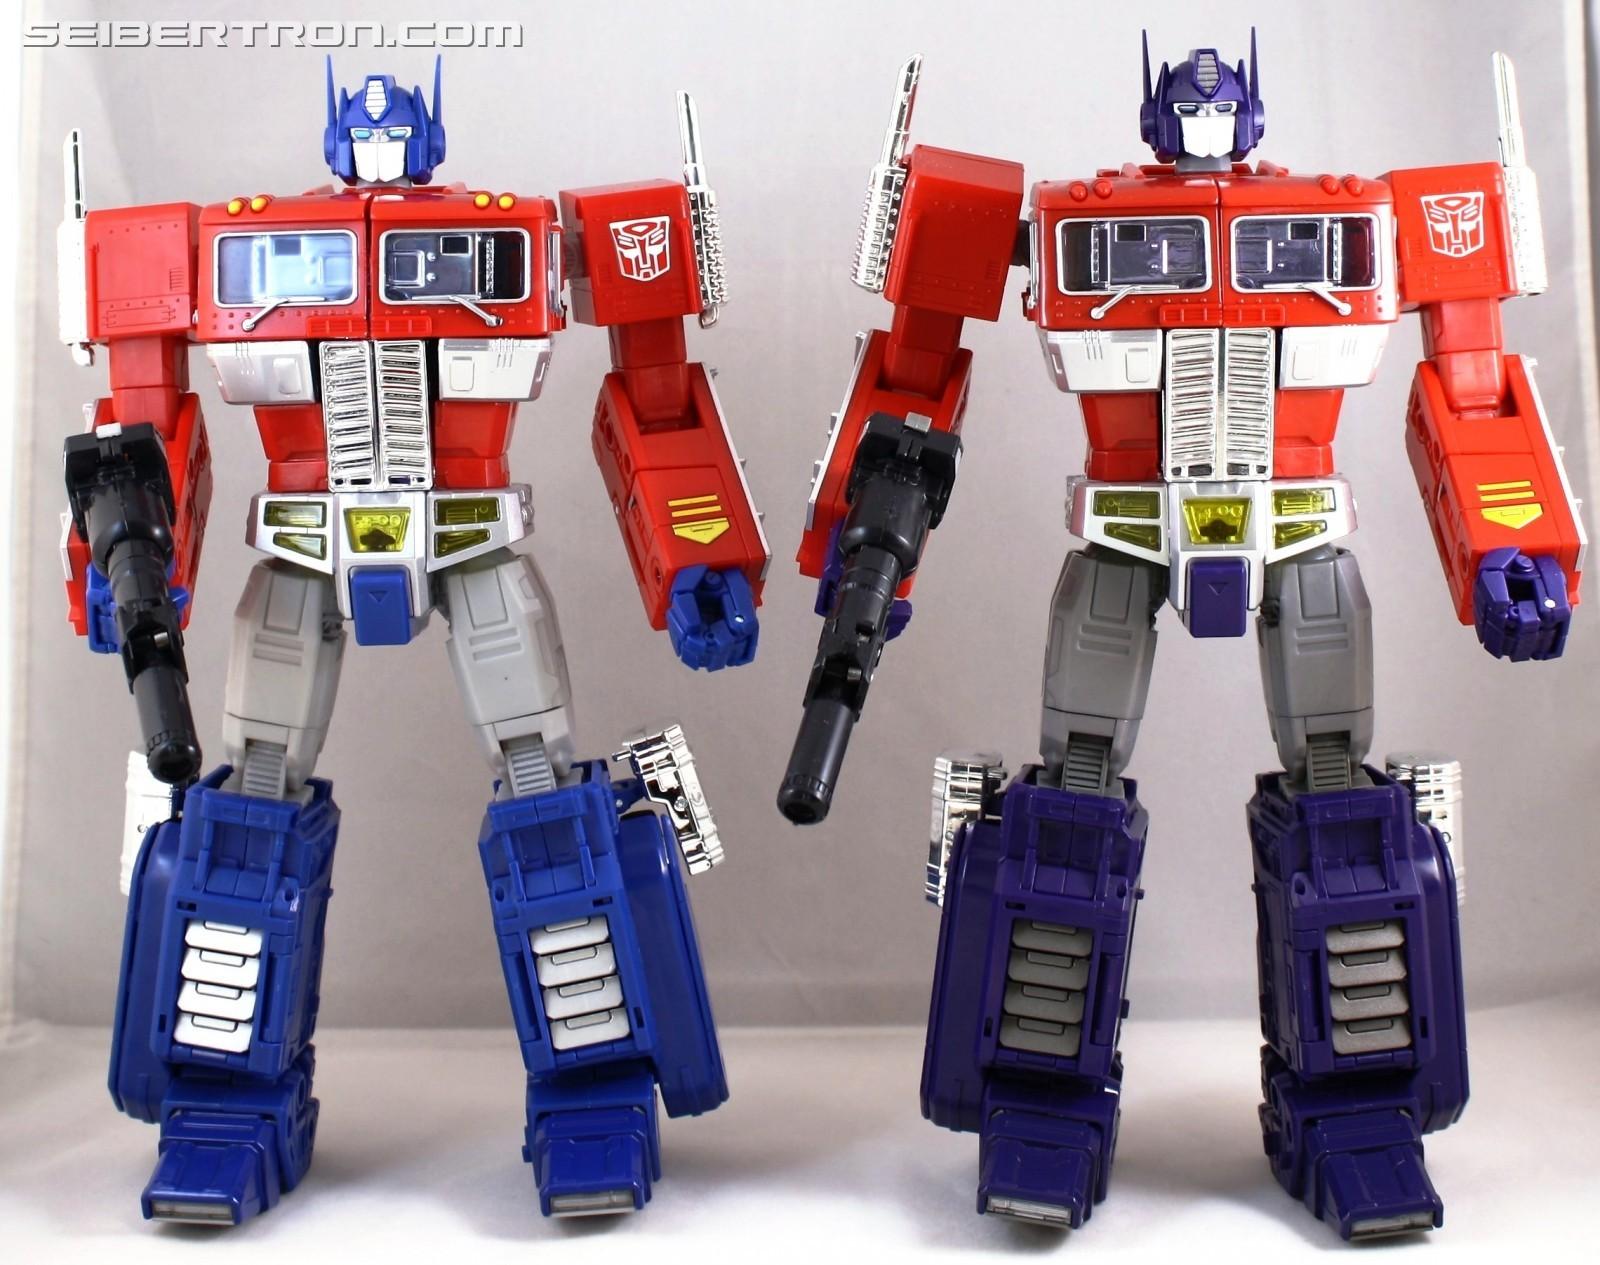 [Masterpiece] MP-10 Optimus Prime/Optimus Primus - TakaraTomy | Hasbro - Page 4 1501447567-2017-hasbro-to-takara-bot-comp-jpg